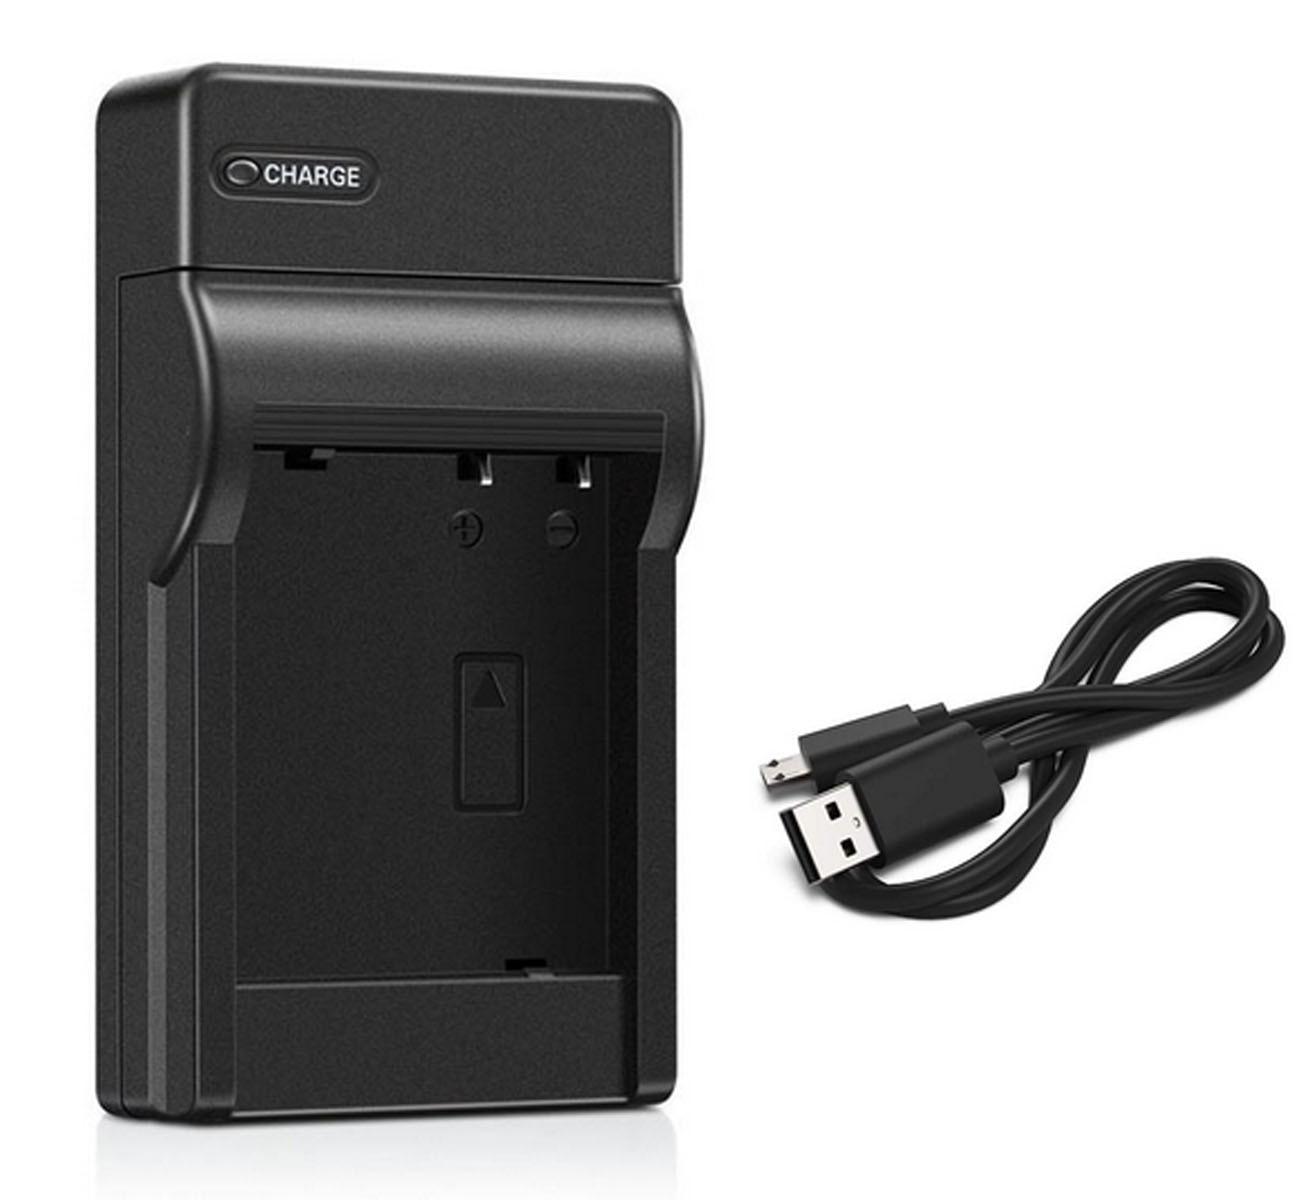 Перезаряжаемые литий-ионный Батарея пакет для Leica BC-DC9, BPDC9, BP-DC9, BP-DC9E/U, BP-DC9 E/U, BP-DC9-E, BP-DC9-U, BP-DC9U - Цвет: DMW-BMB9 USB Charger